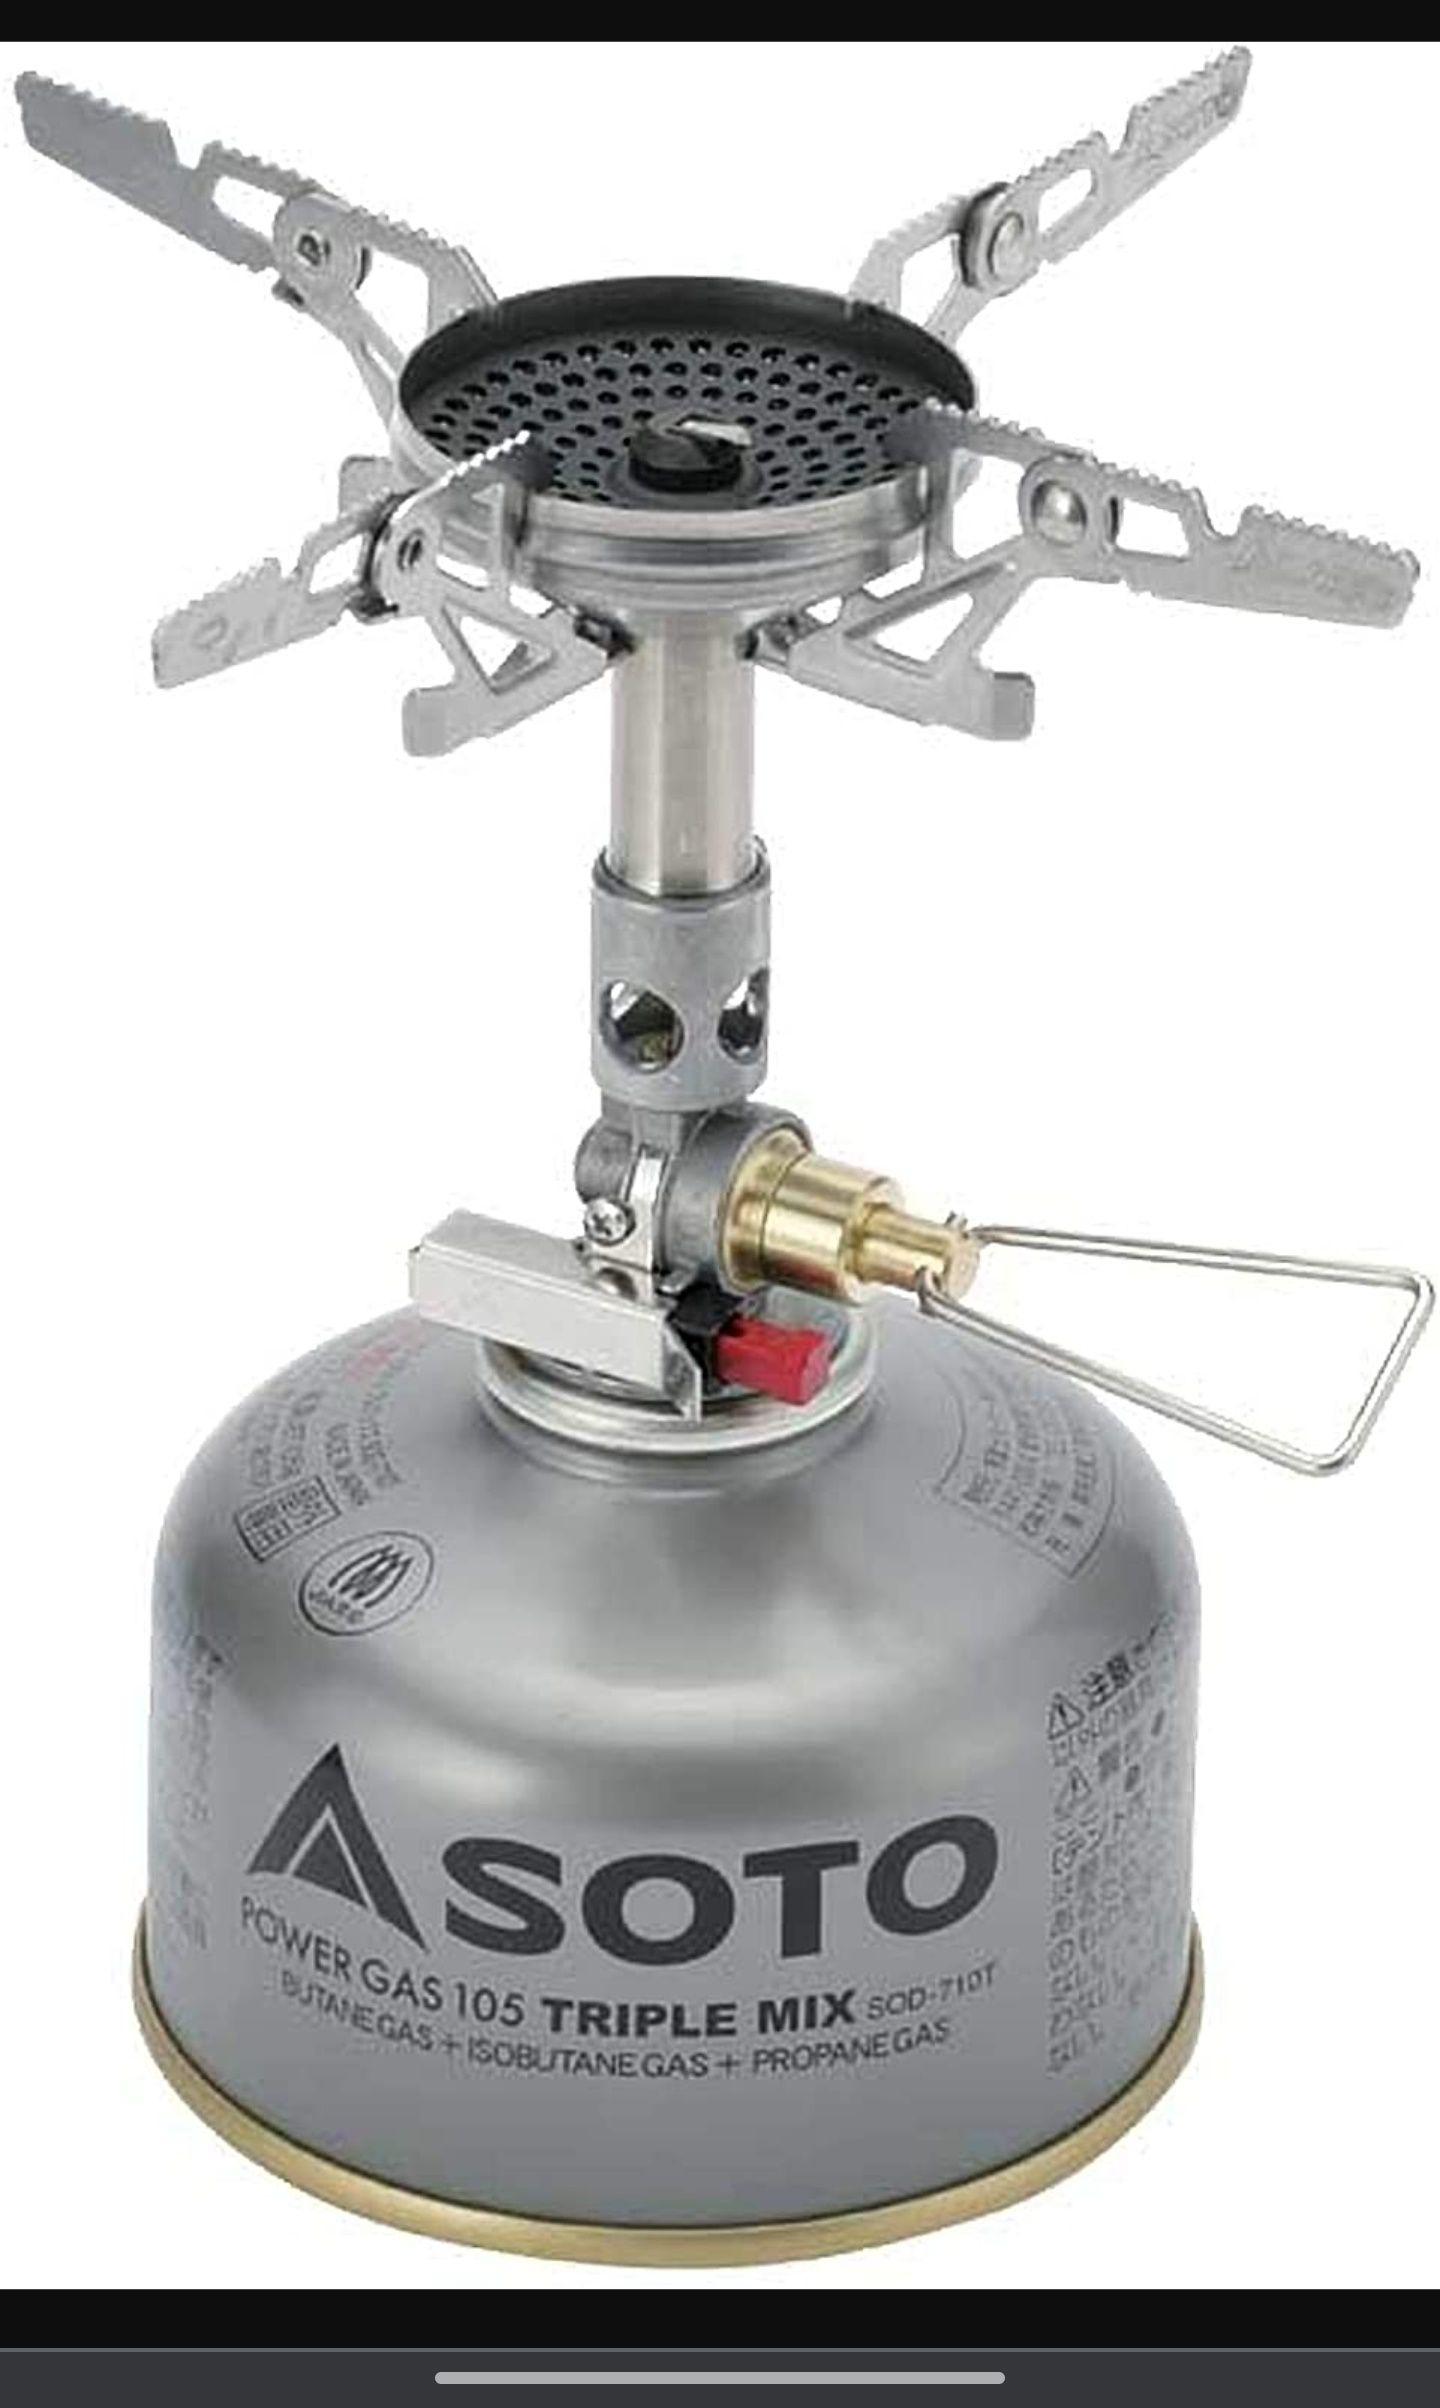 [Idealo] Soto Windmaster Gaskocher 67g 3260W Leistung